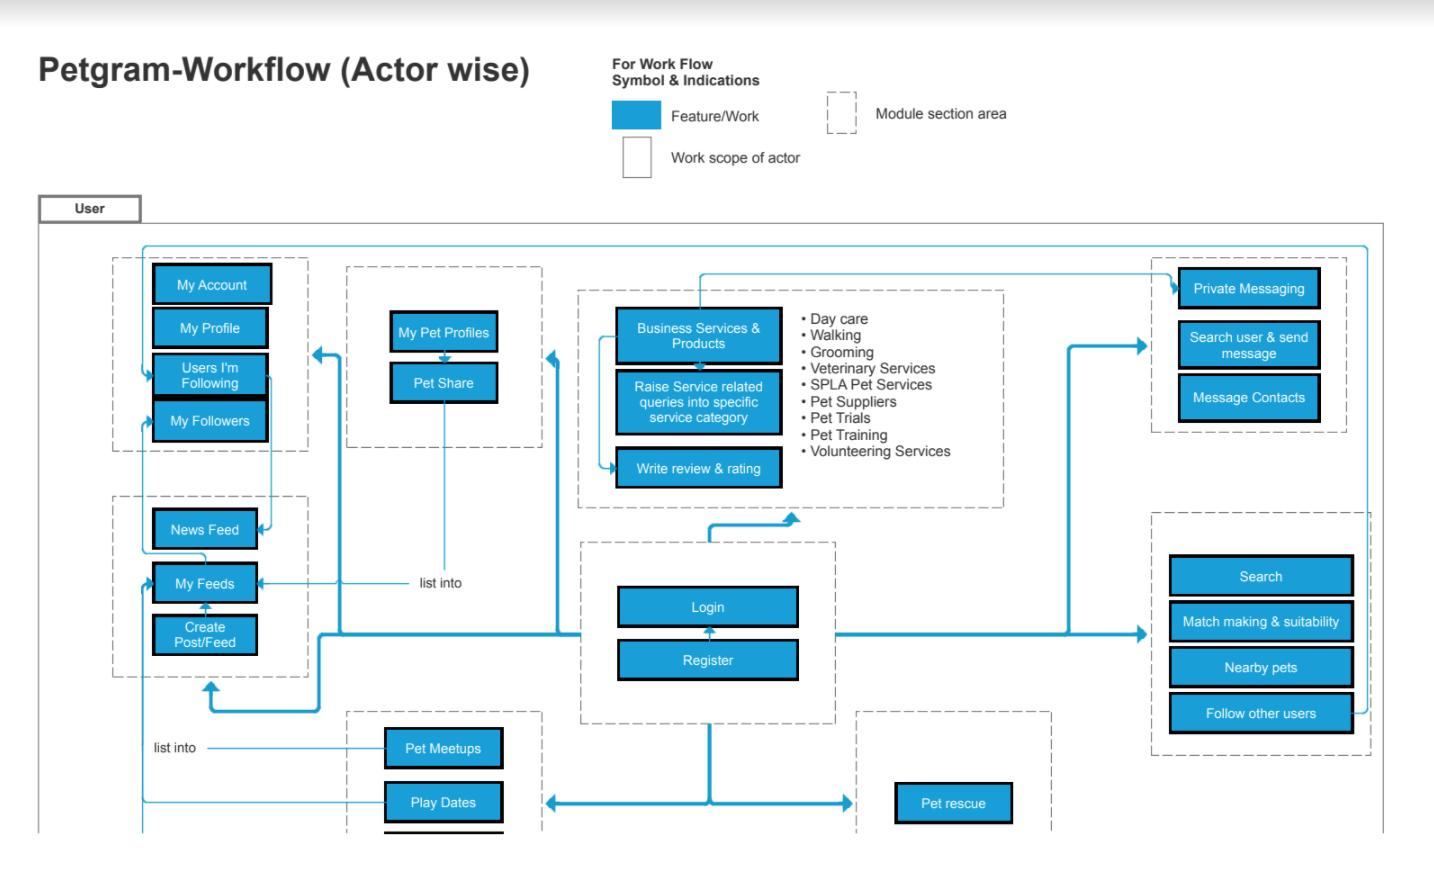 Petgram Workflow